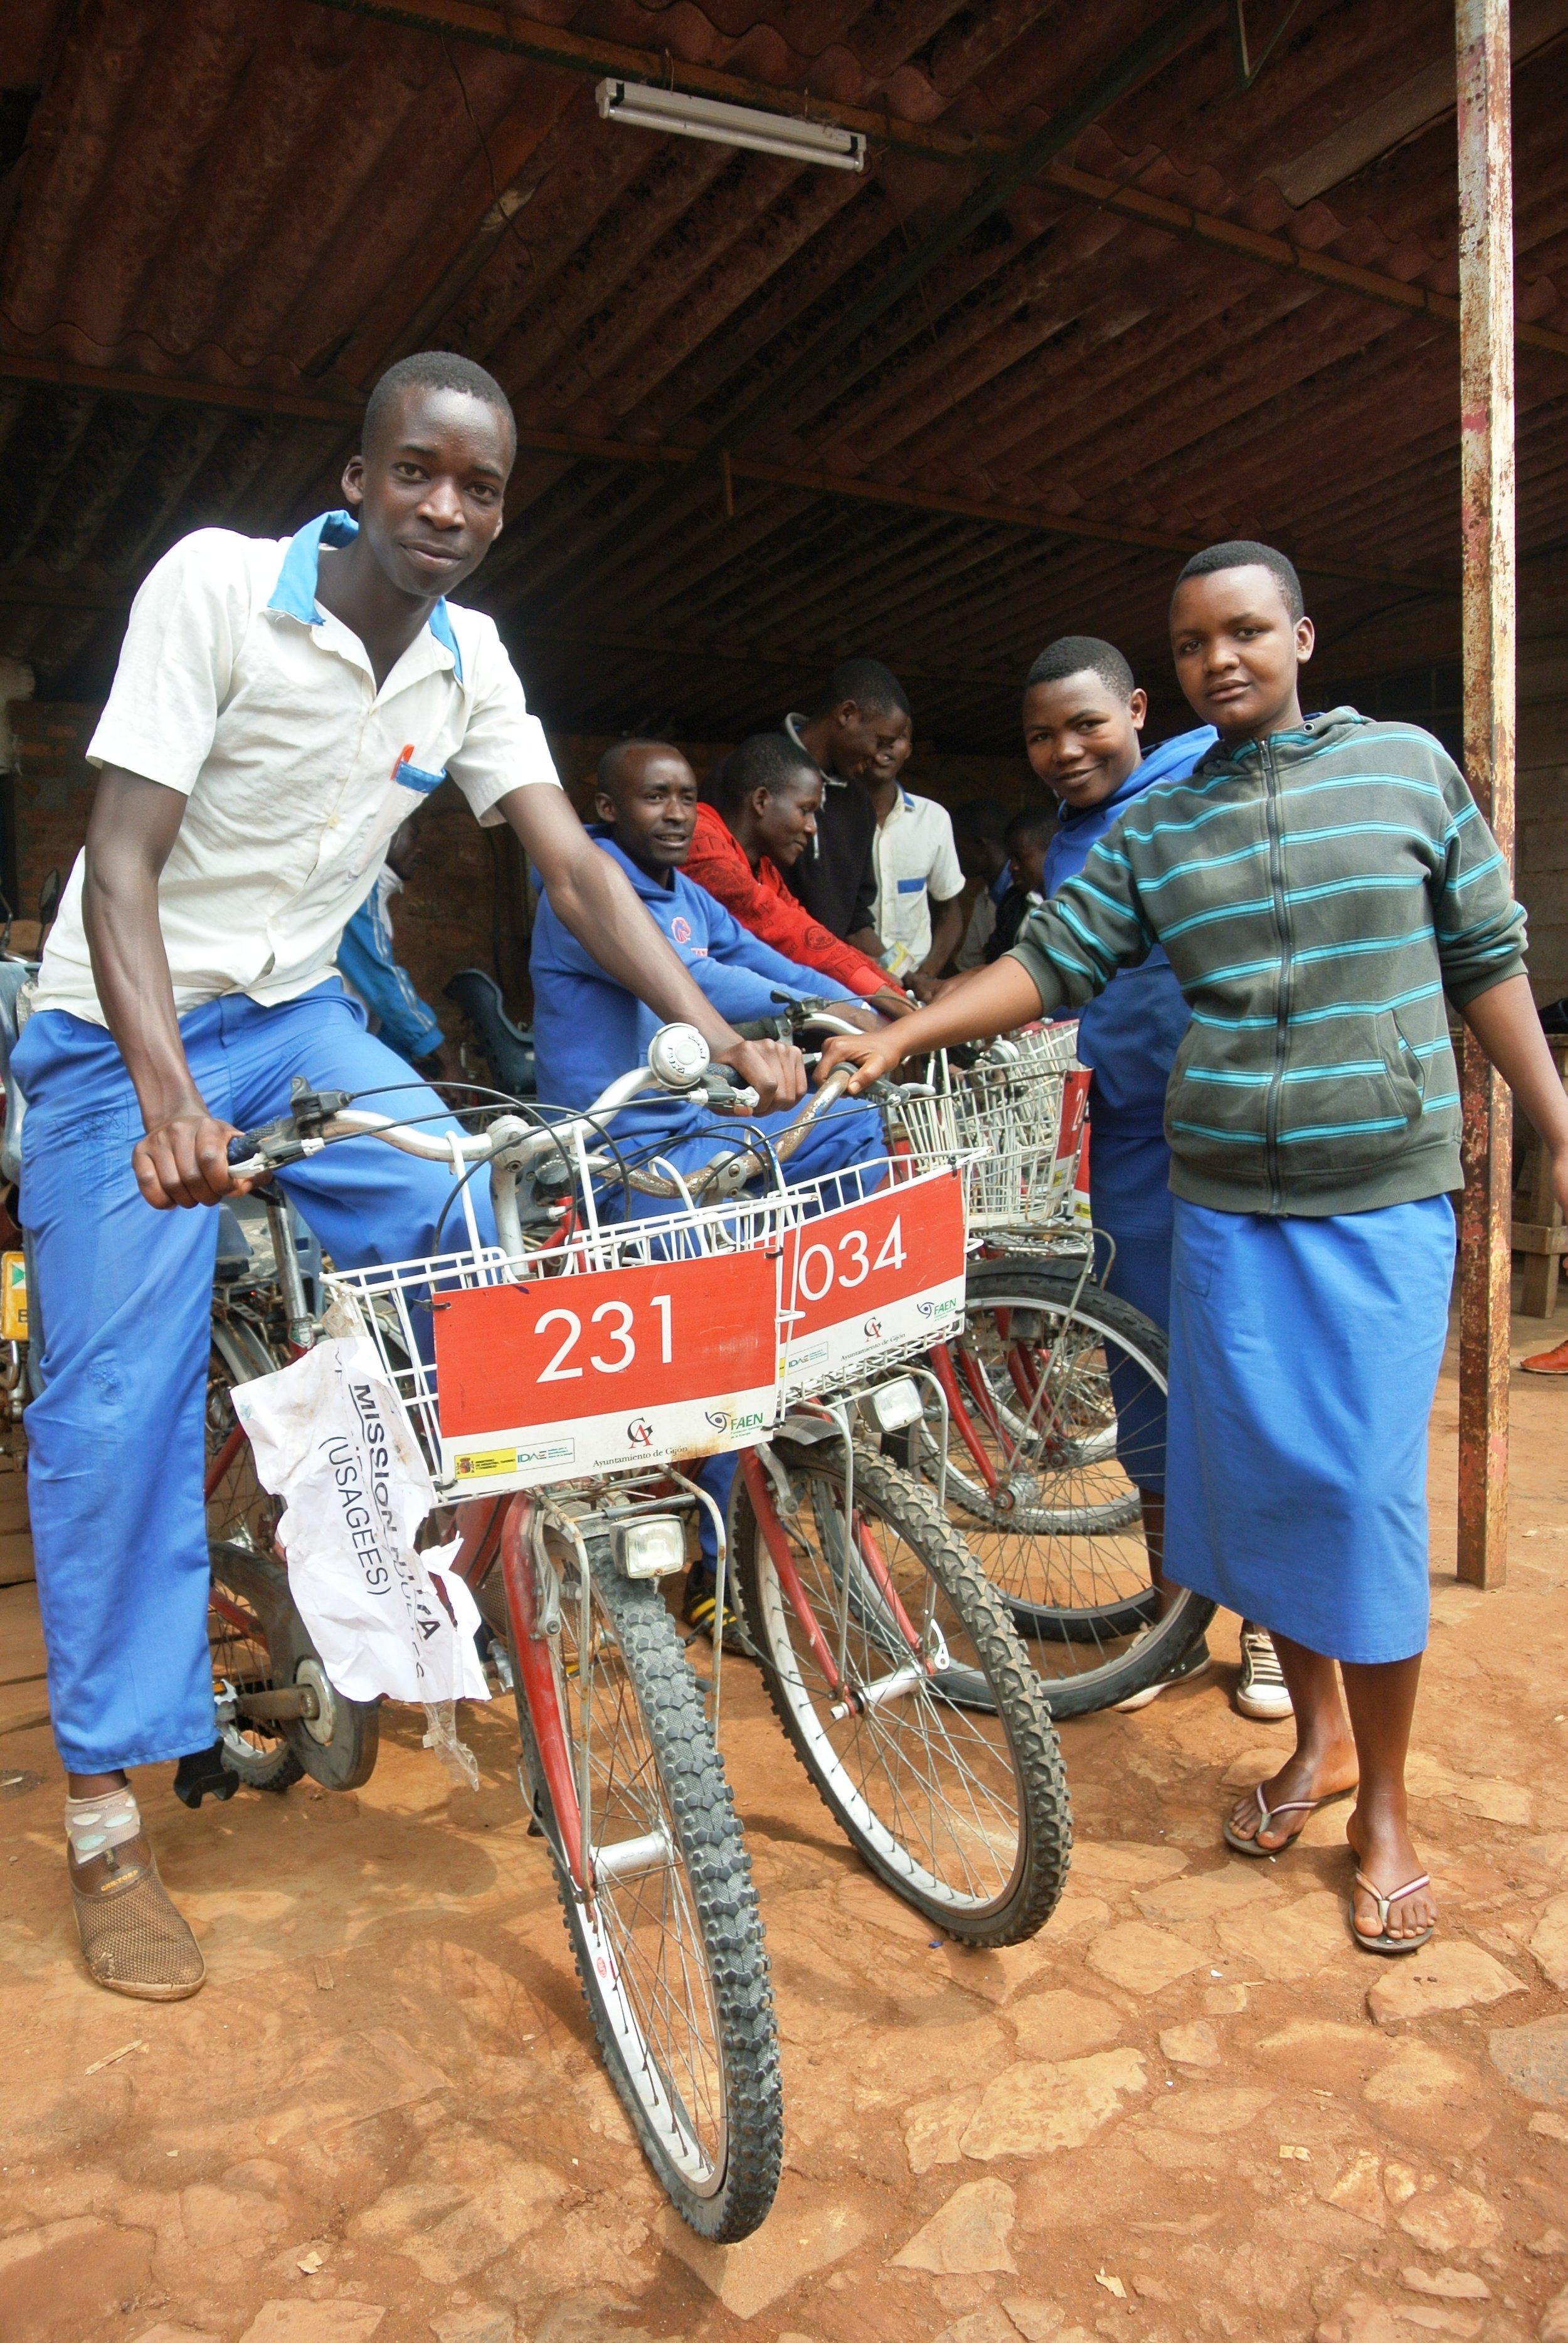 Bicicletas donadas por el RGCC tras acordar un segundo uso con la Fundación Asturiana de la Energía y el Ayuntamiento.JPG